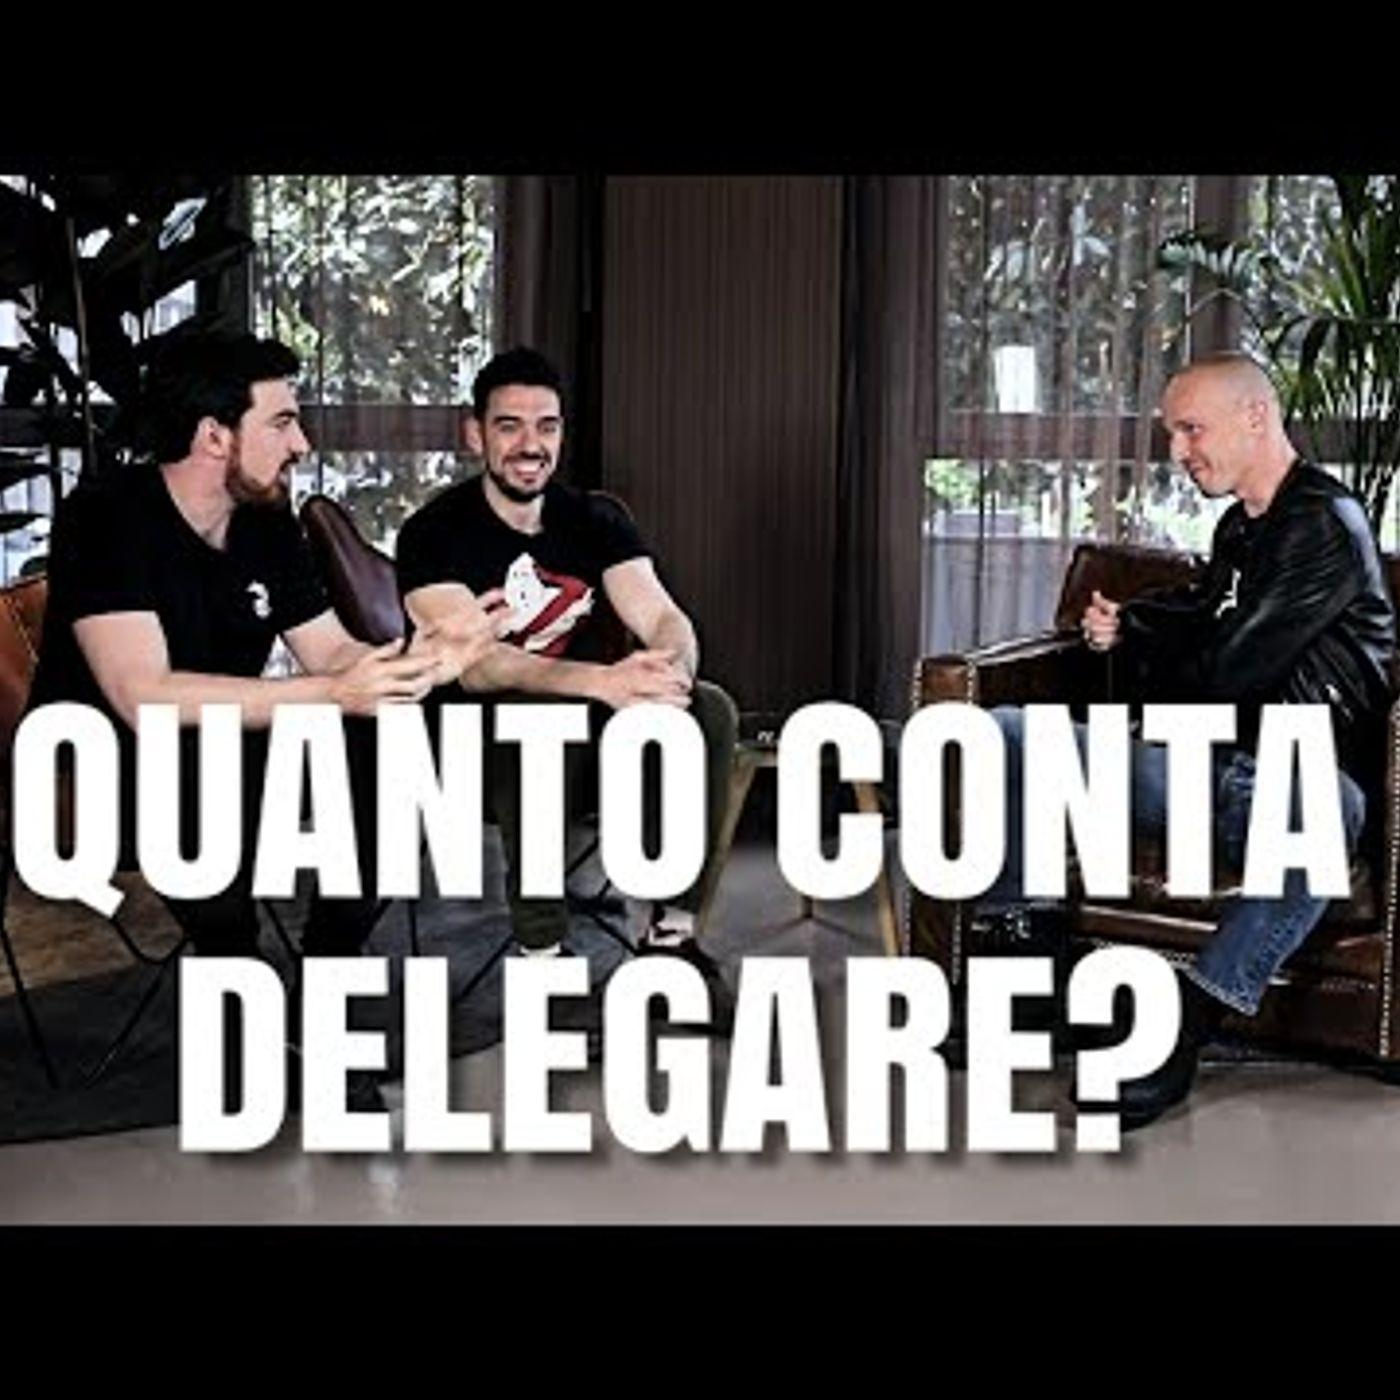 Quanto conta saper delegare? (theShow)